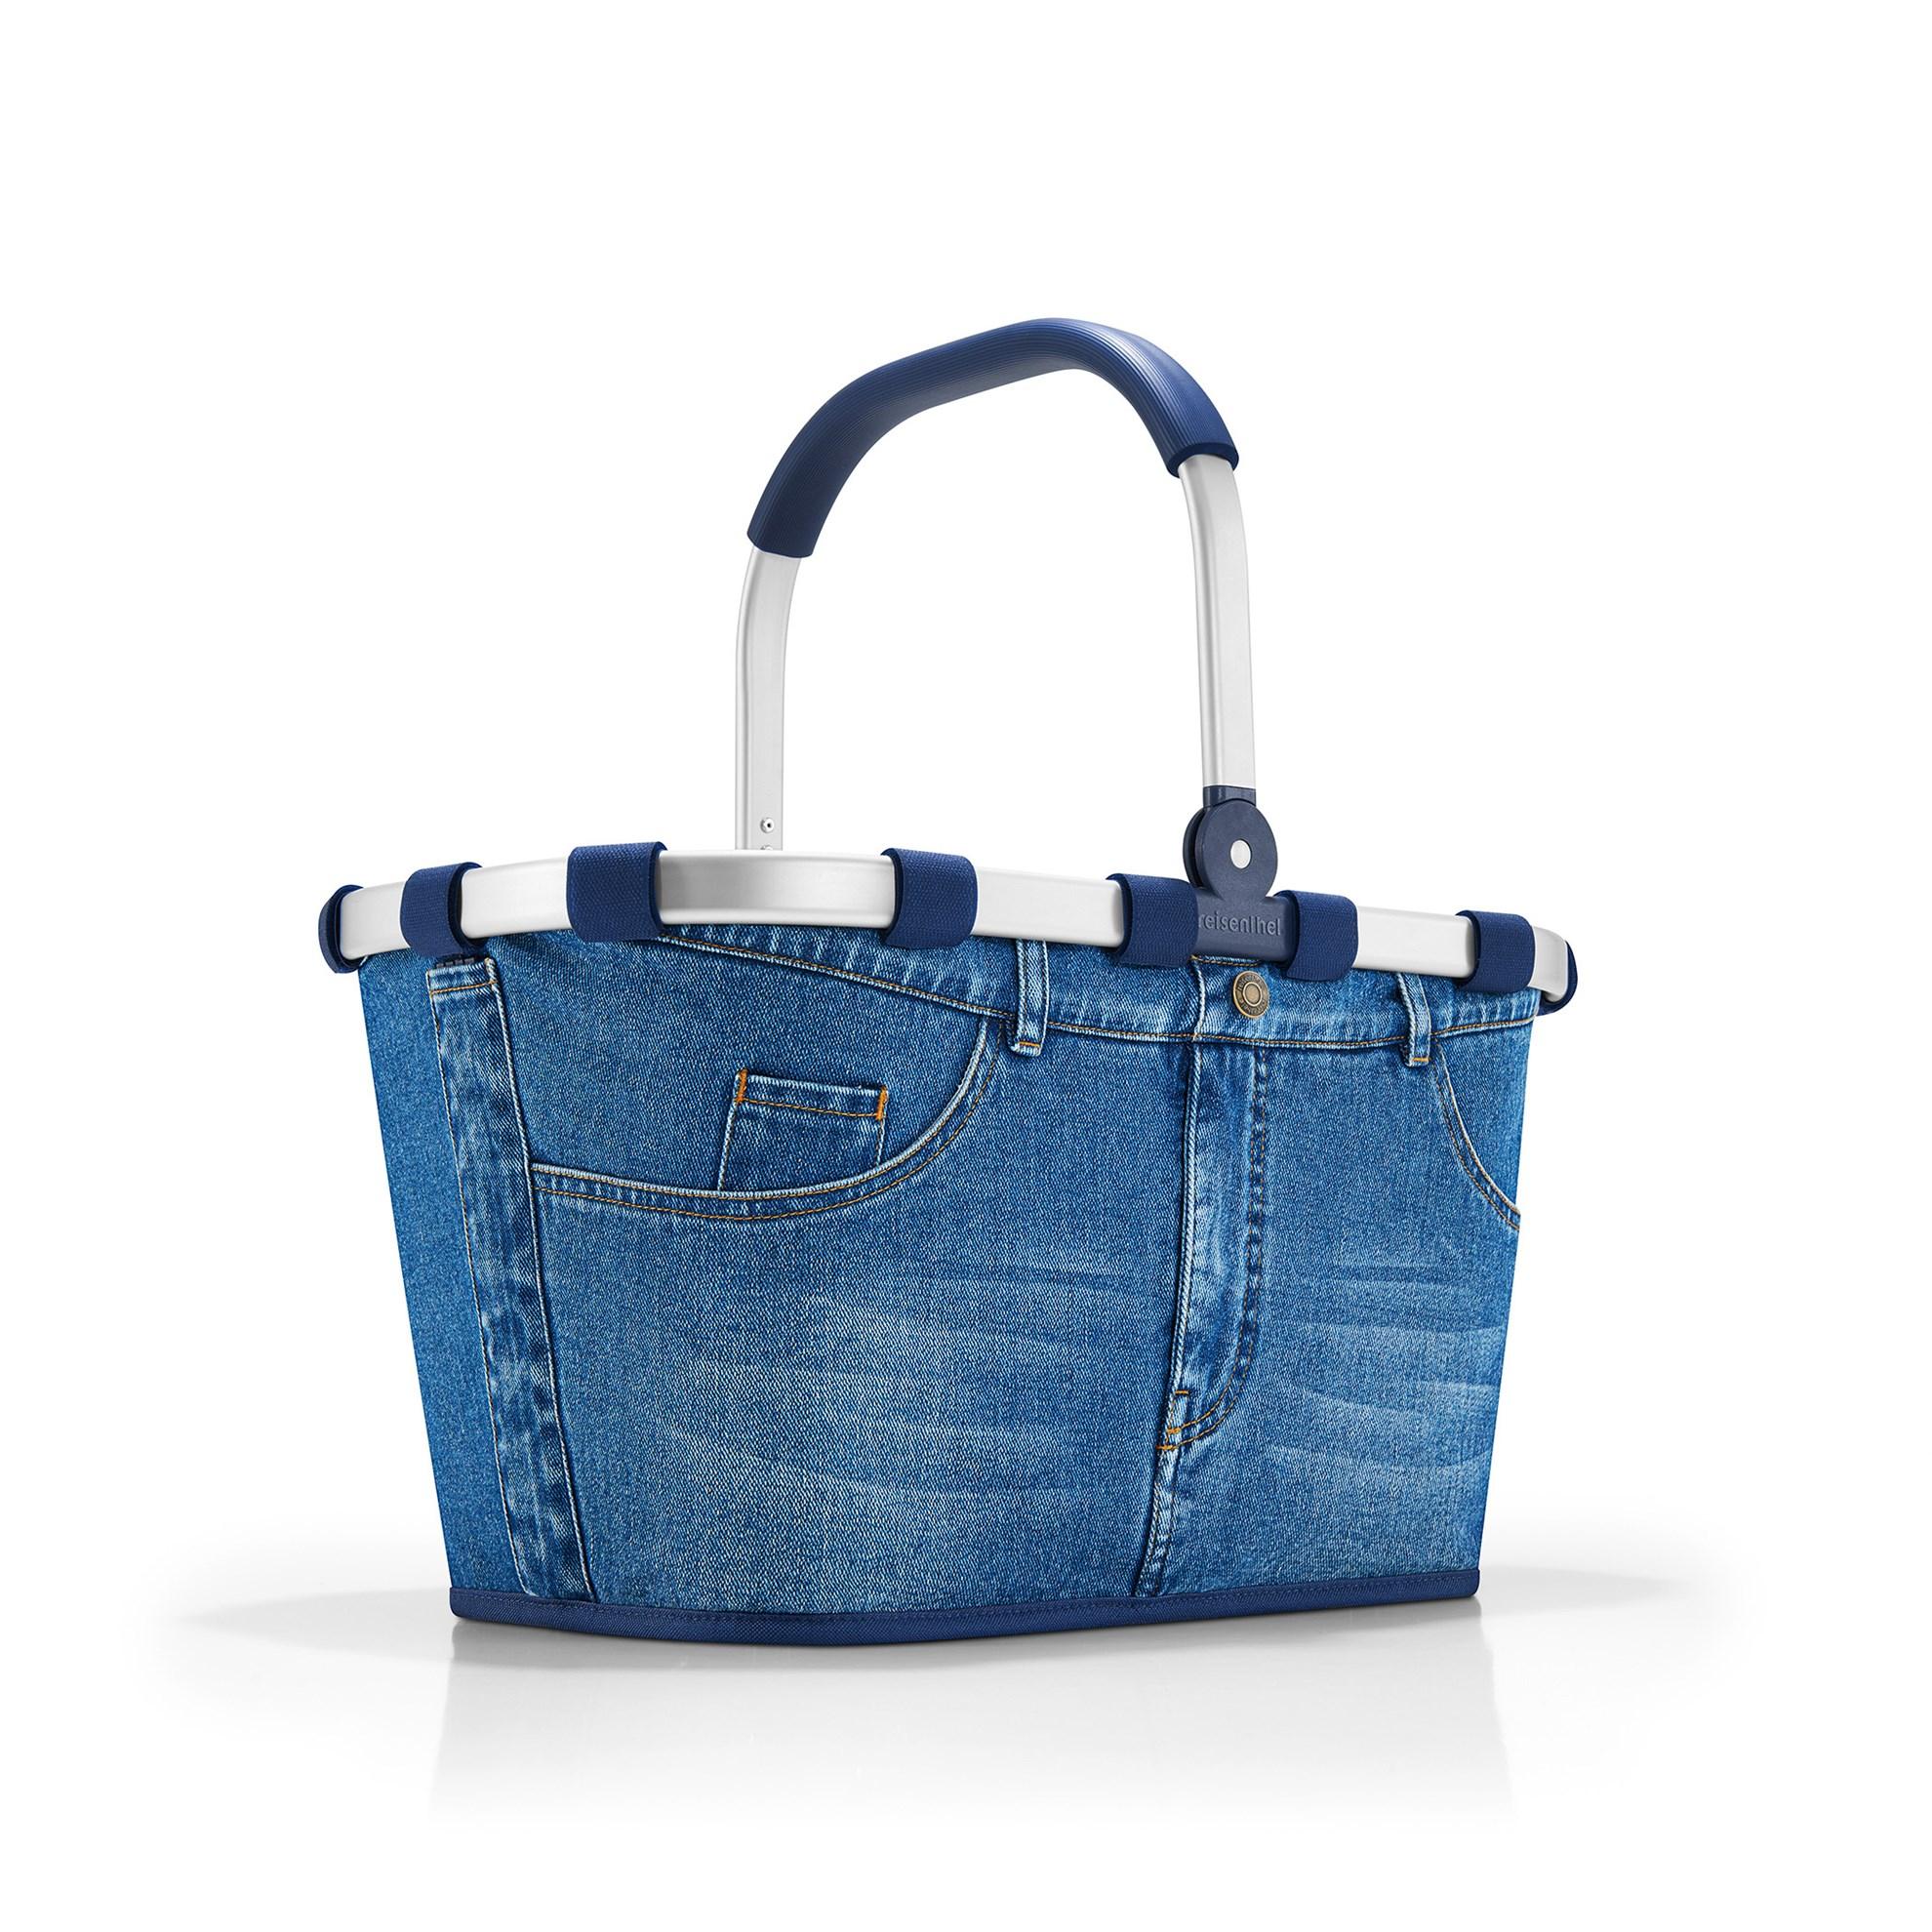 Nákupní košík CARRYBAG jeans_1